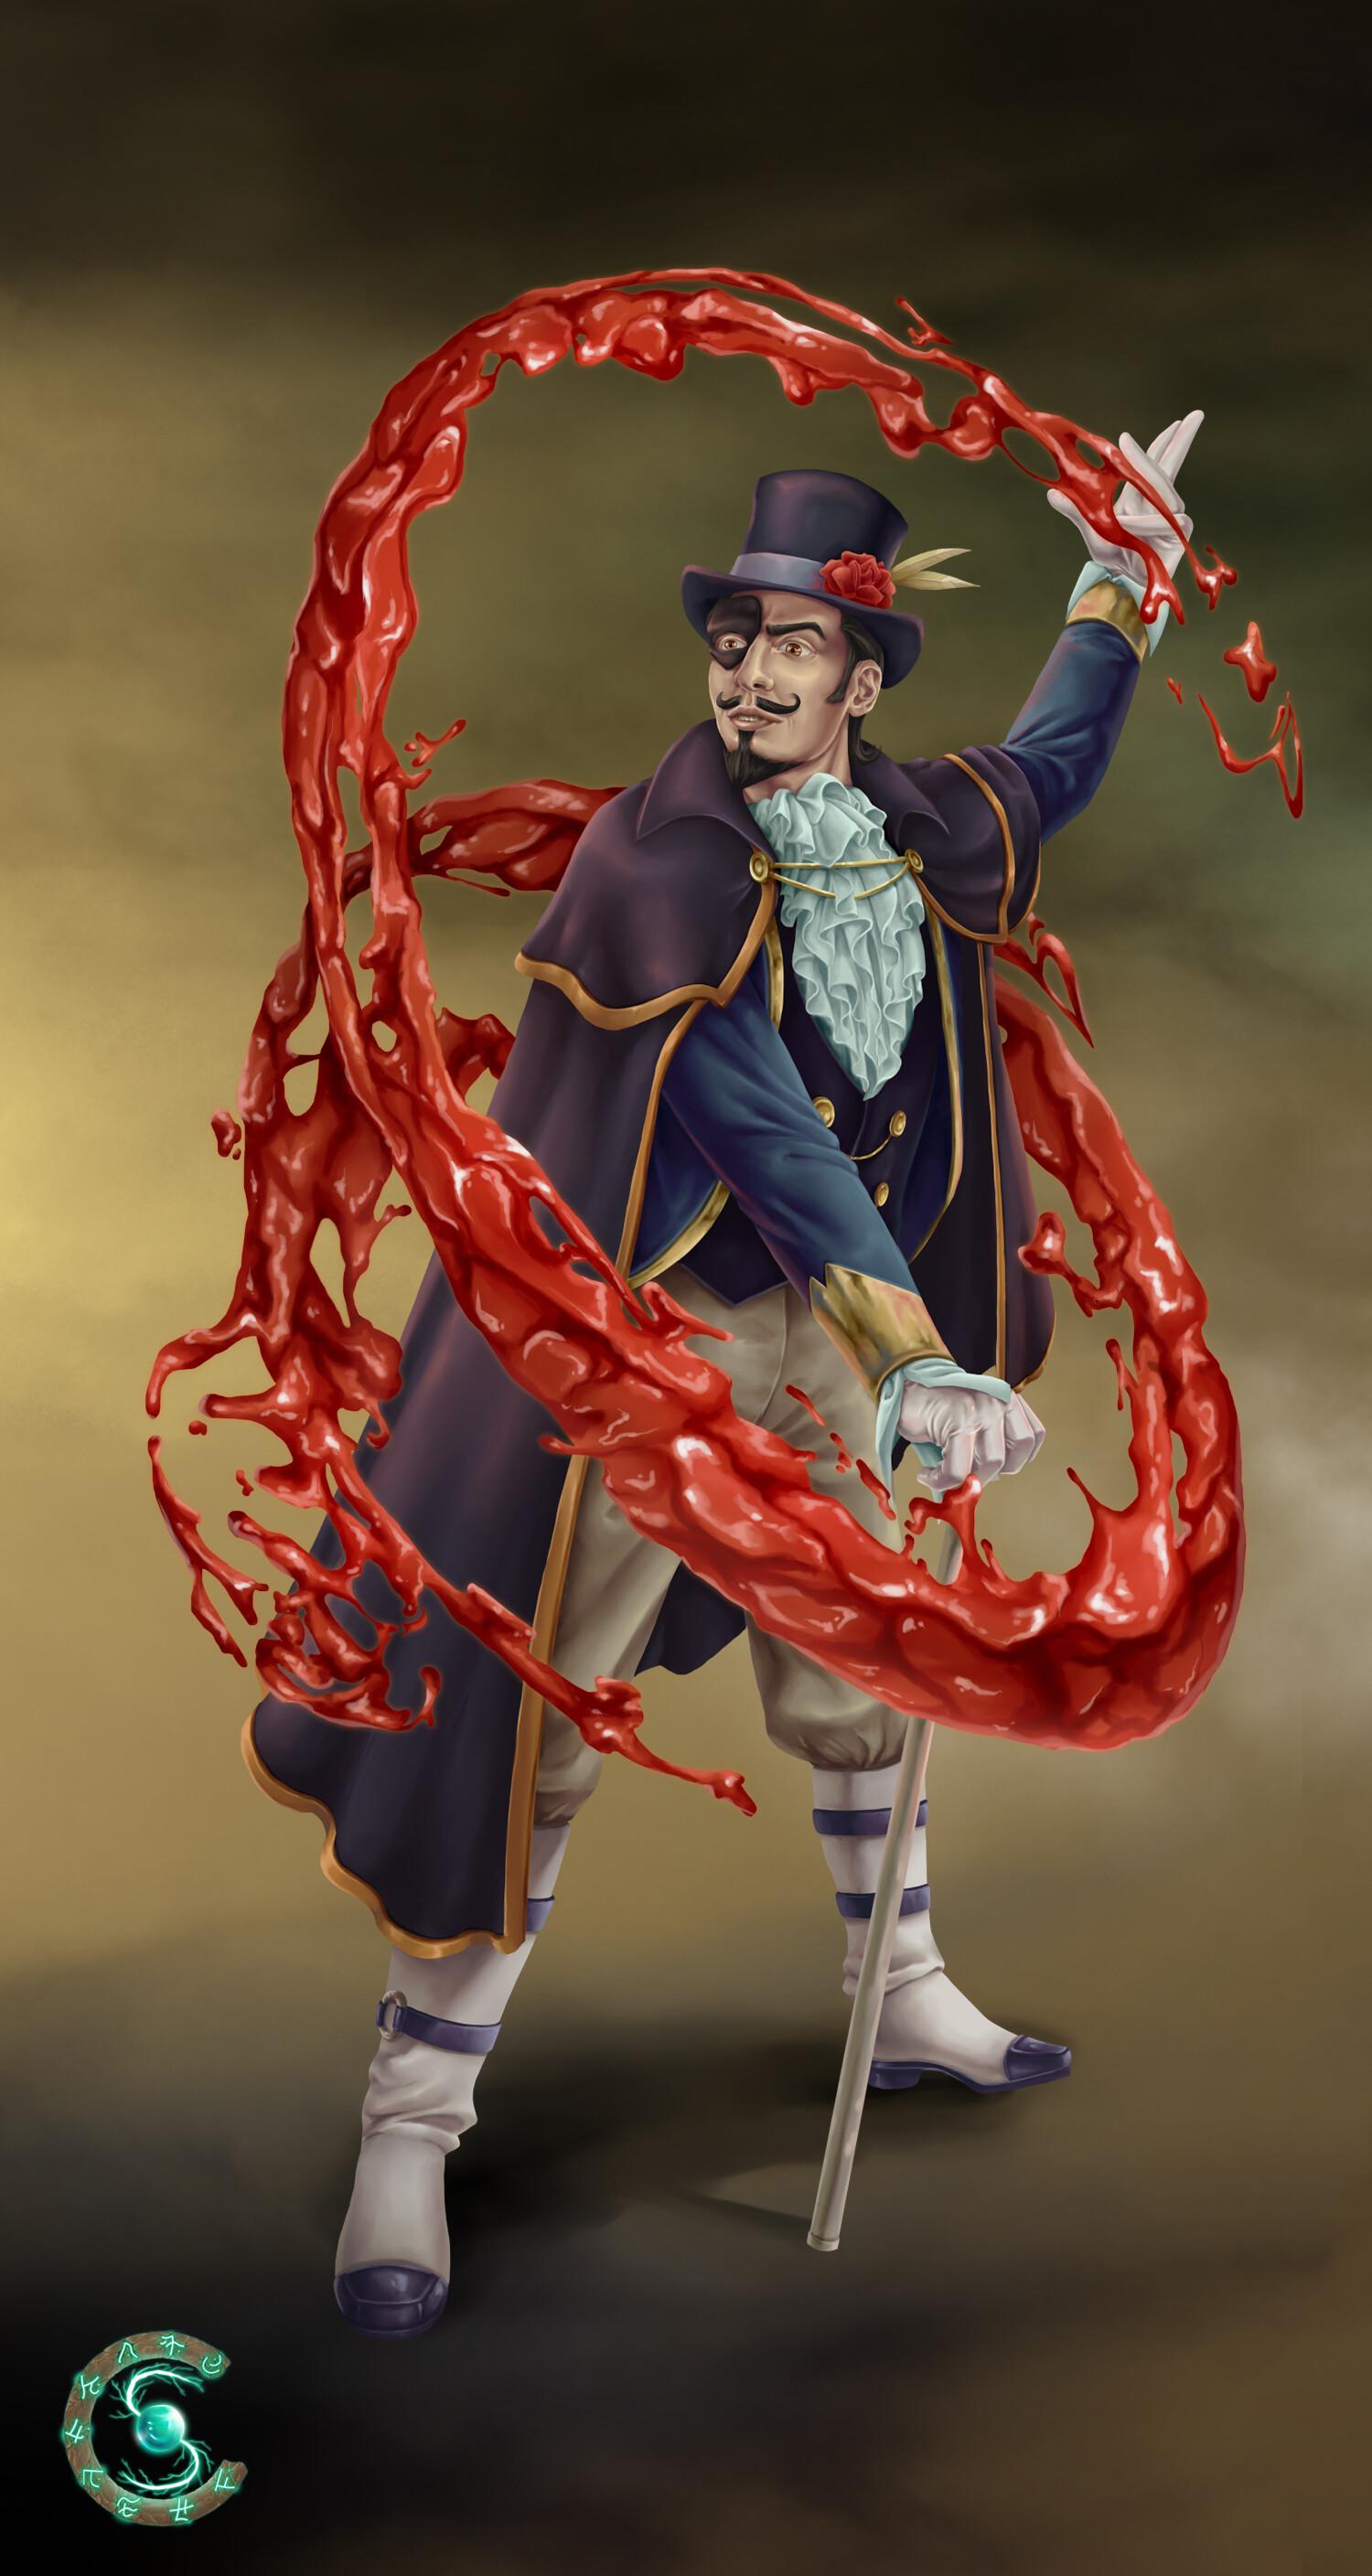 ArtStation - Phantom blood mage for Spellcraft, Hanka Dumitru